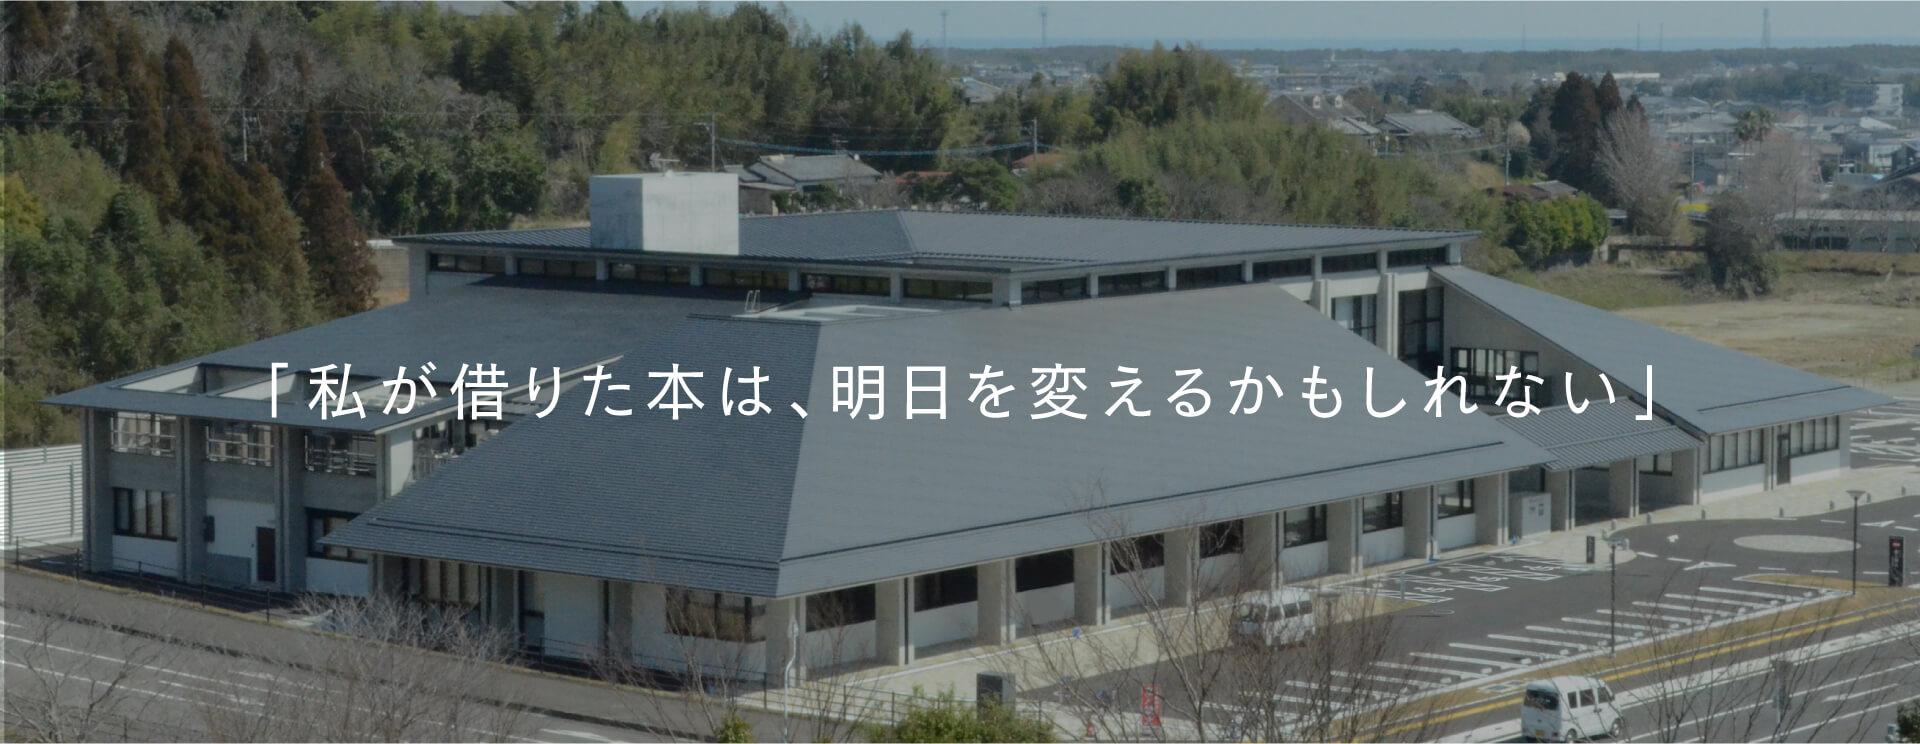 スライド画像02